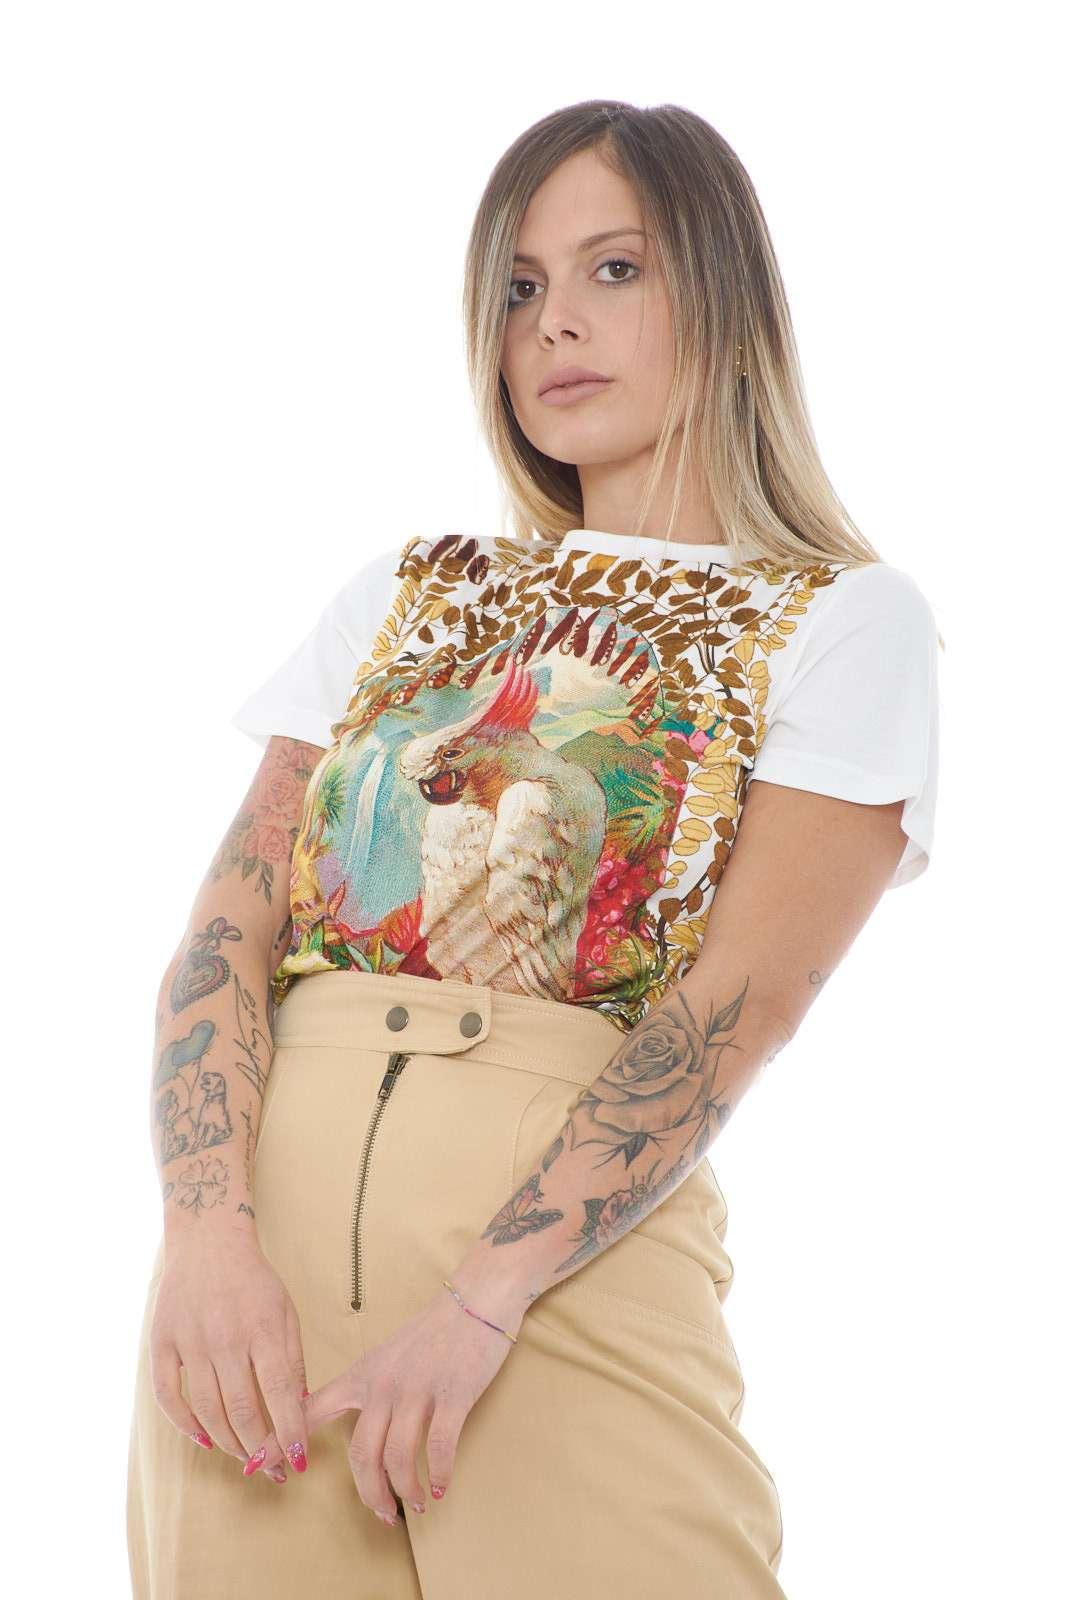 Una t shirt donna con stampa pappagallo quella proposta da Etro. Da indossare nelle giornate quotidiano o per le uscite con gli amici. Abbinata ad un jeans o uno short è un must have.